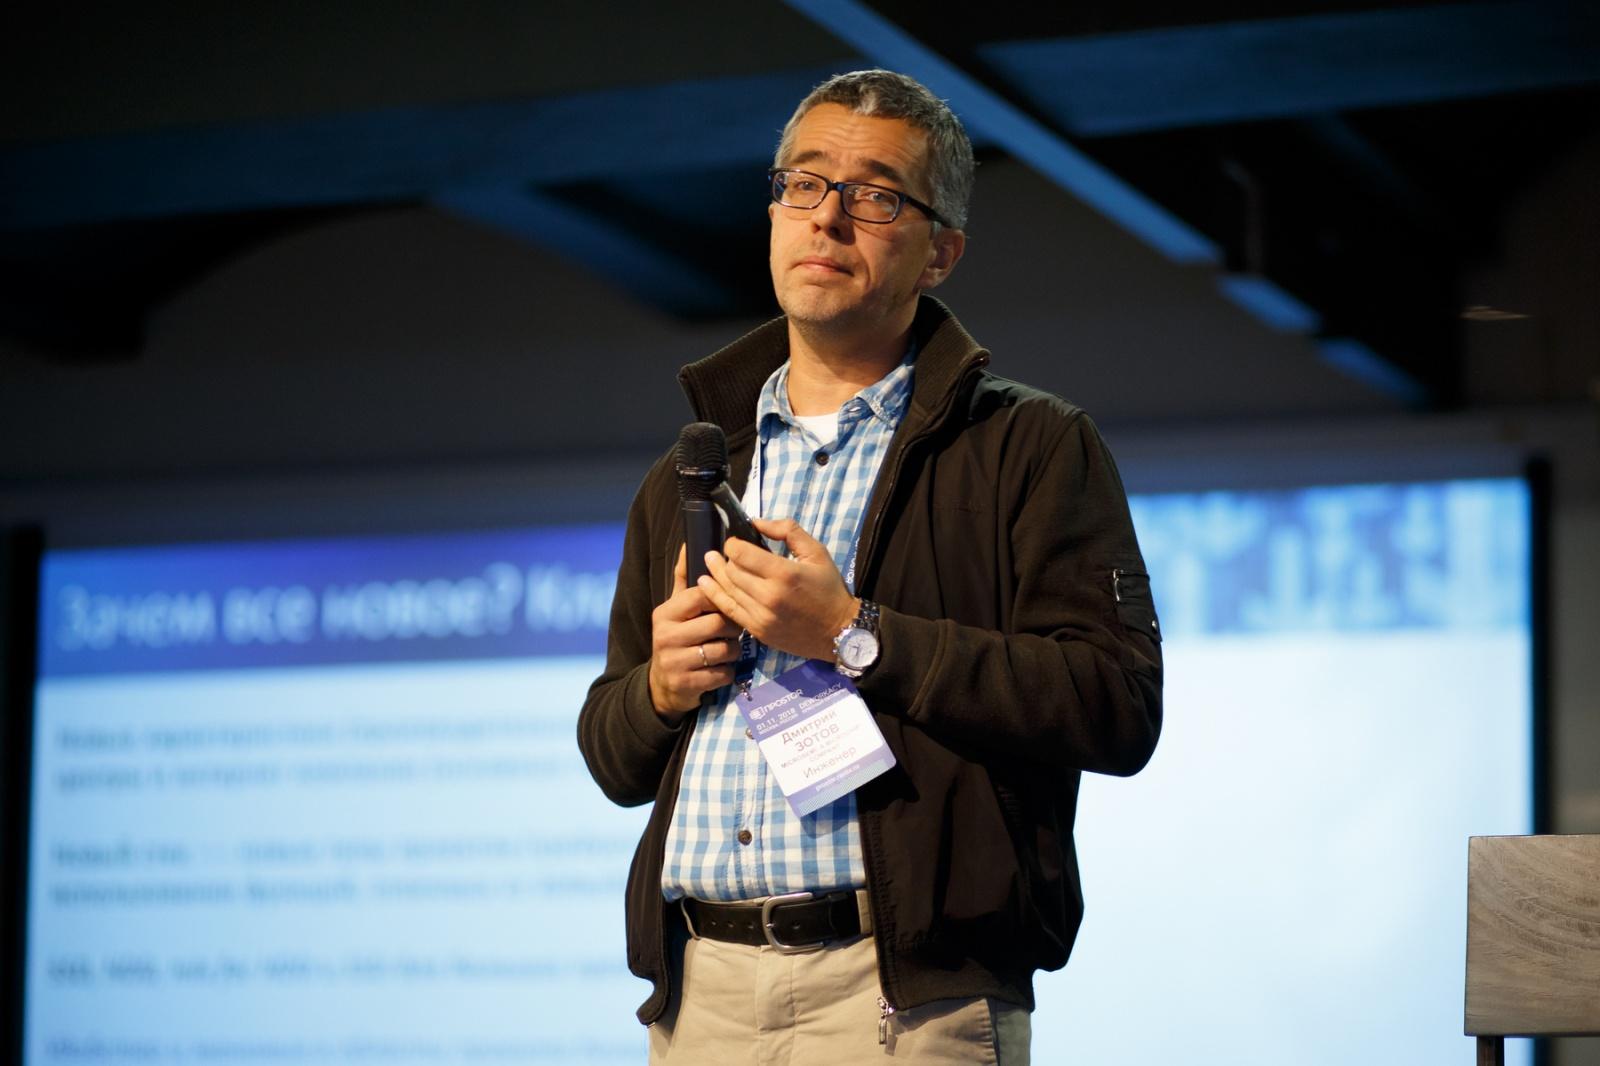 Конференция ПРОSTOR 2018: вопросы и ответы про будущее СХД - 19